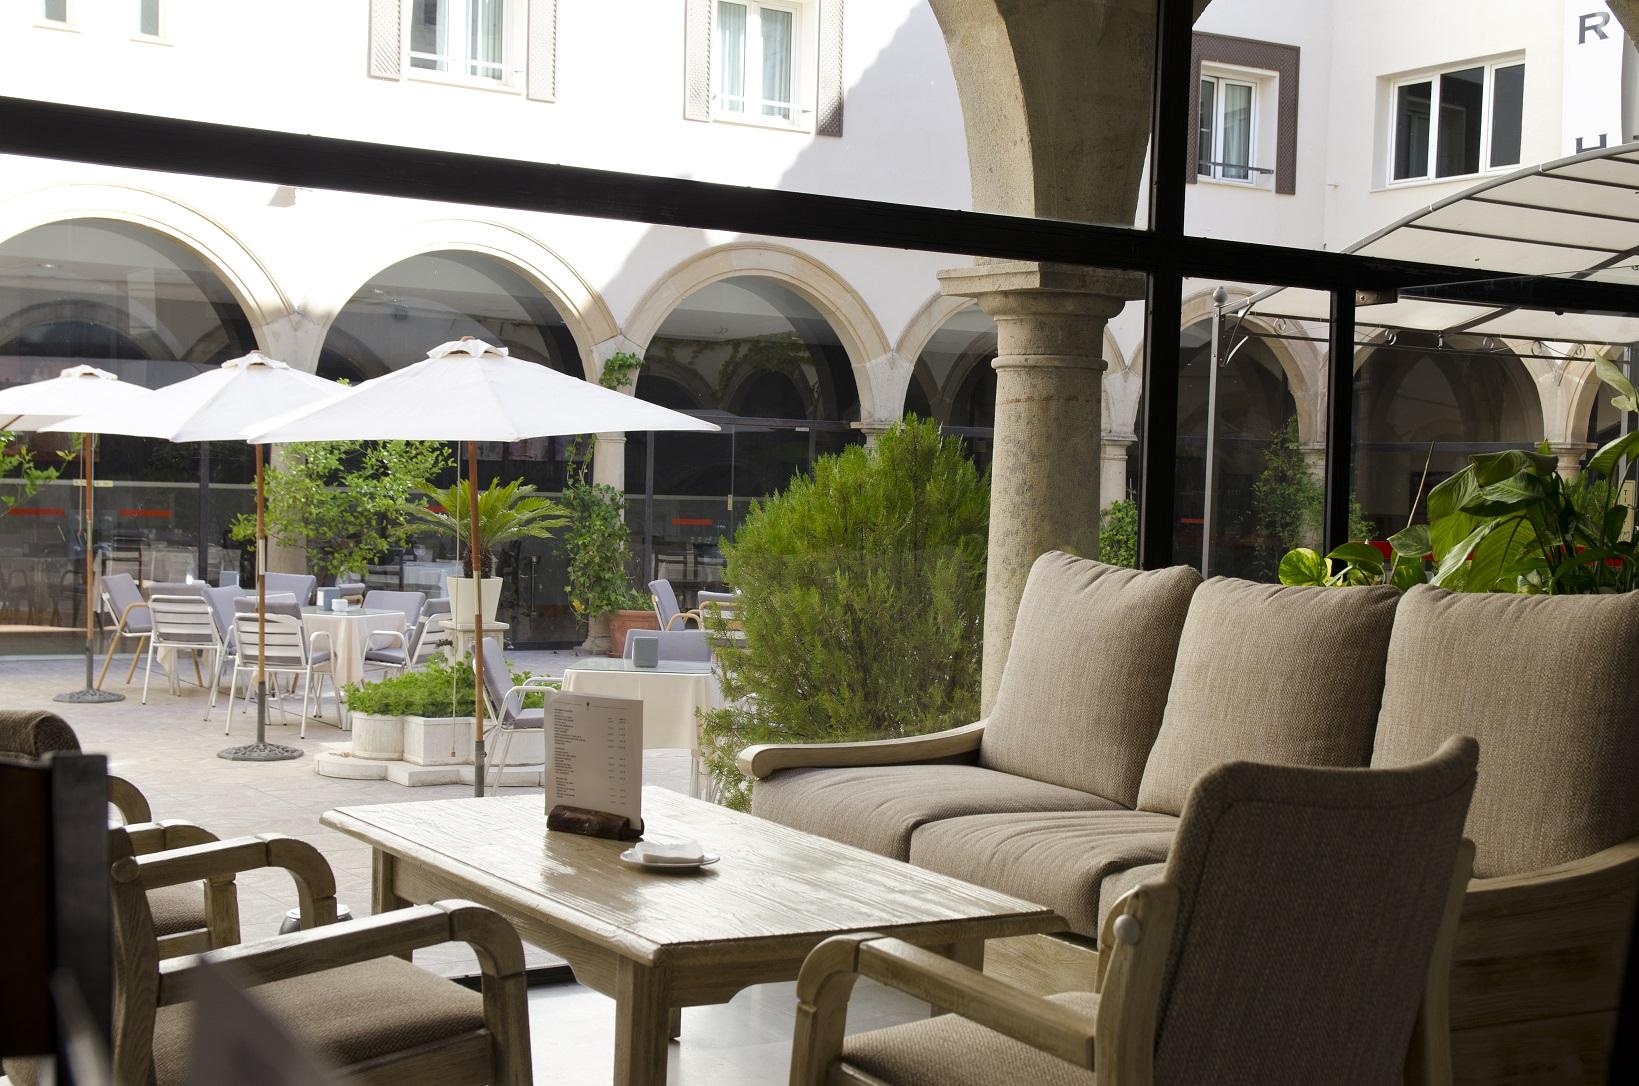 Hoteles con encanto en baeza hd 1080p 4k foto - Hoteles con encanto en tarifa ...